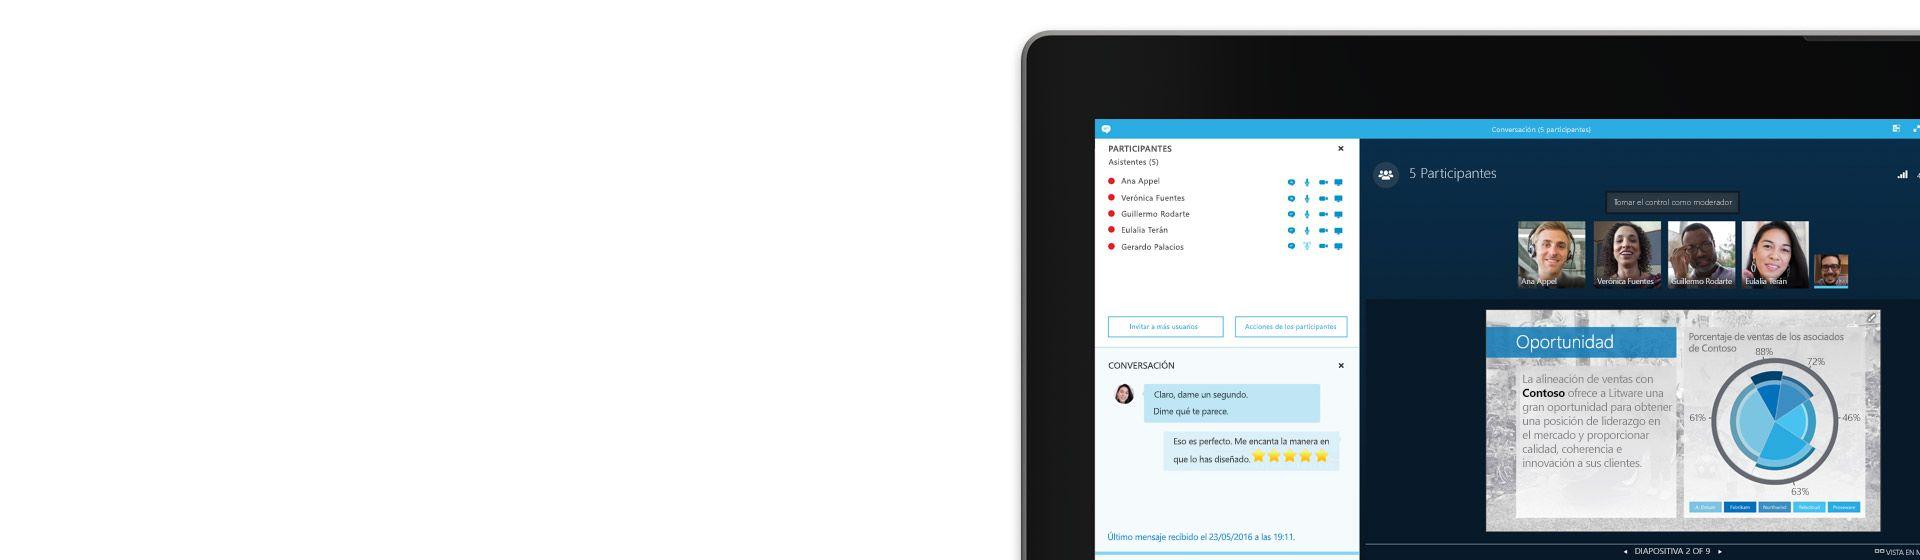 Esquina de la pantalla de un equipo portátil en la que se muestra una reunión de Skype Empresarial en curso con una lista de participantes